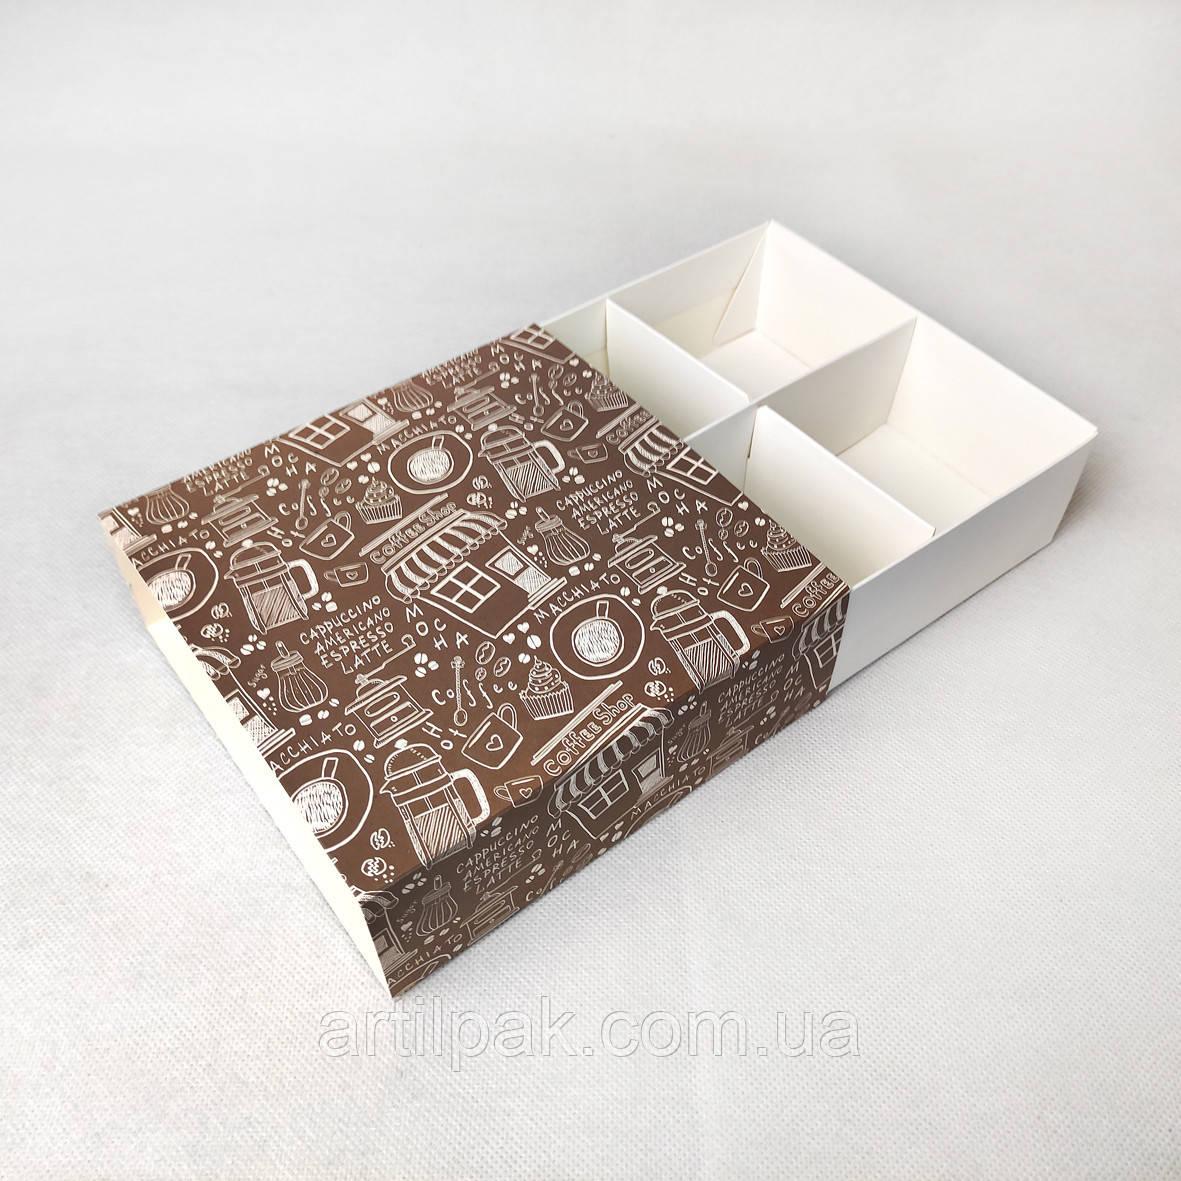 Універсальна коробка-пенал з ложементом 160*160*55 КАВА